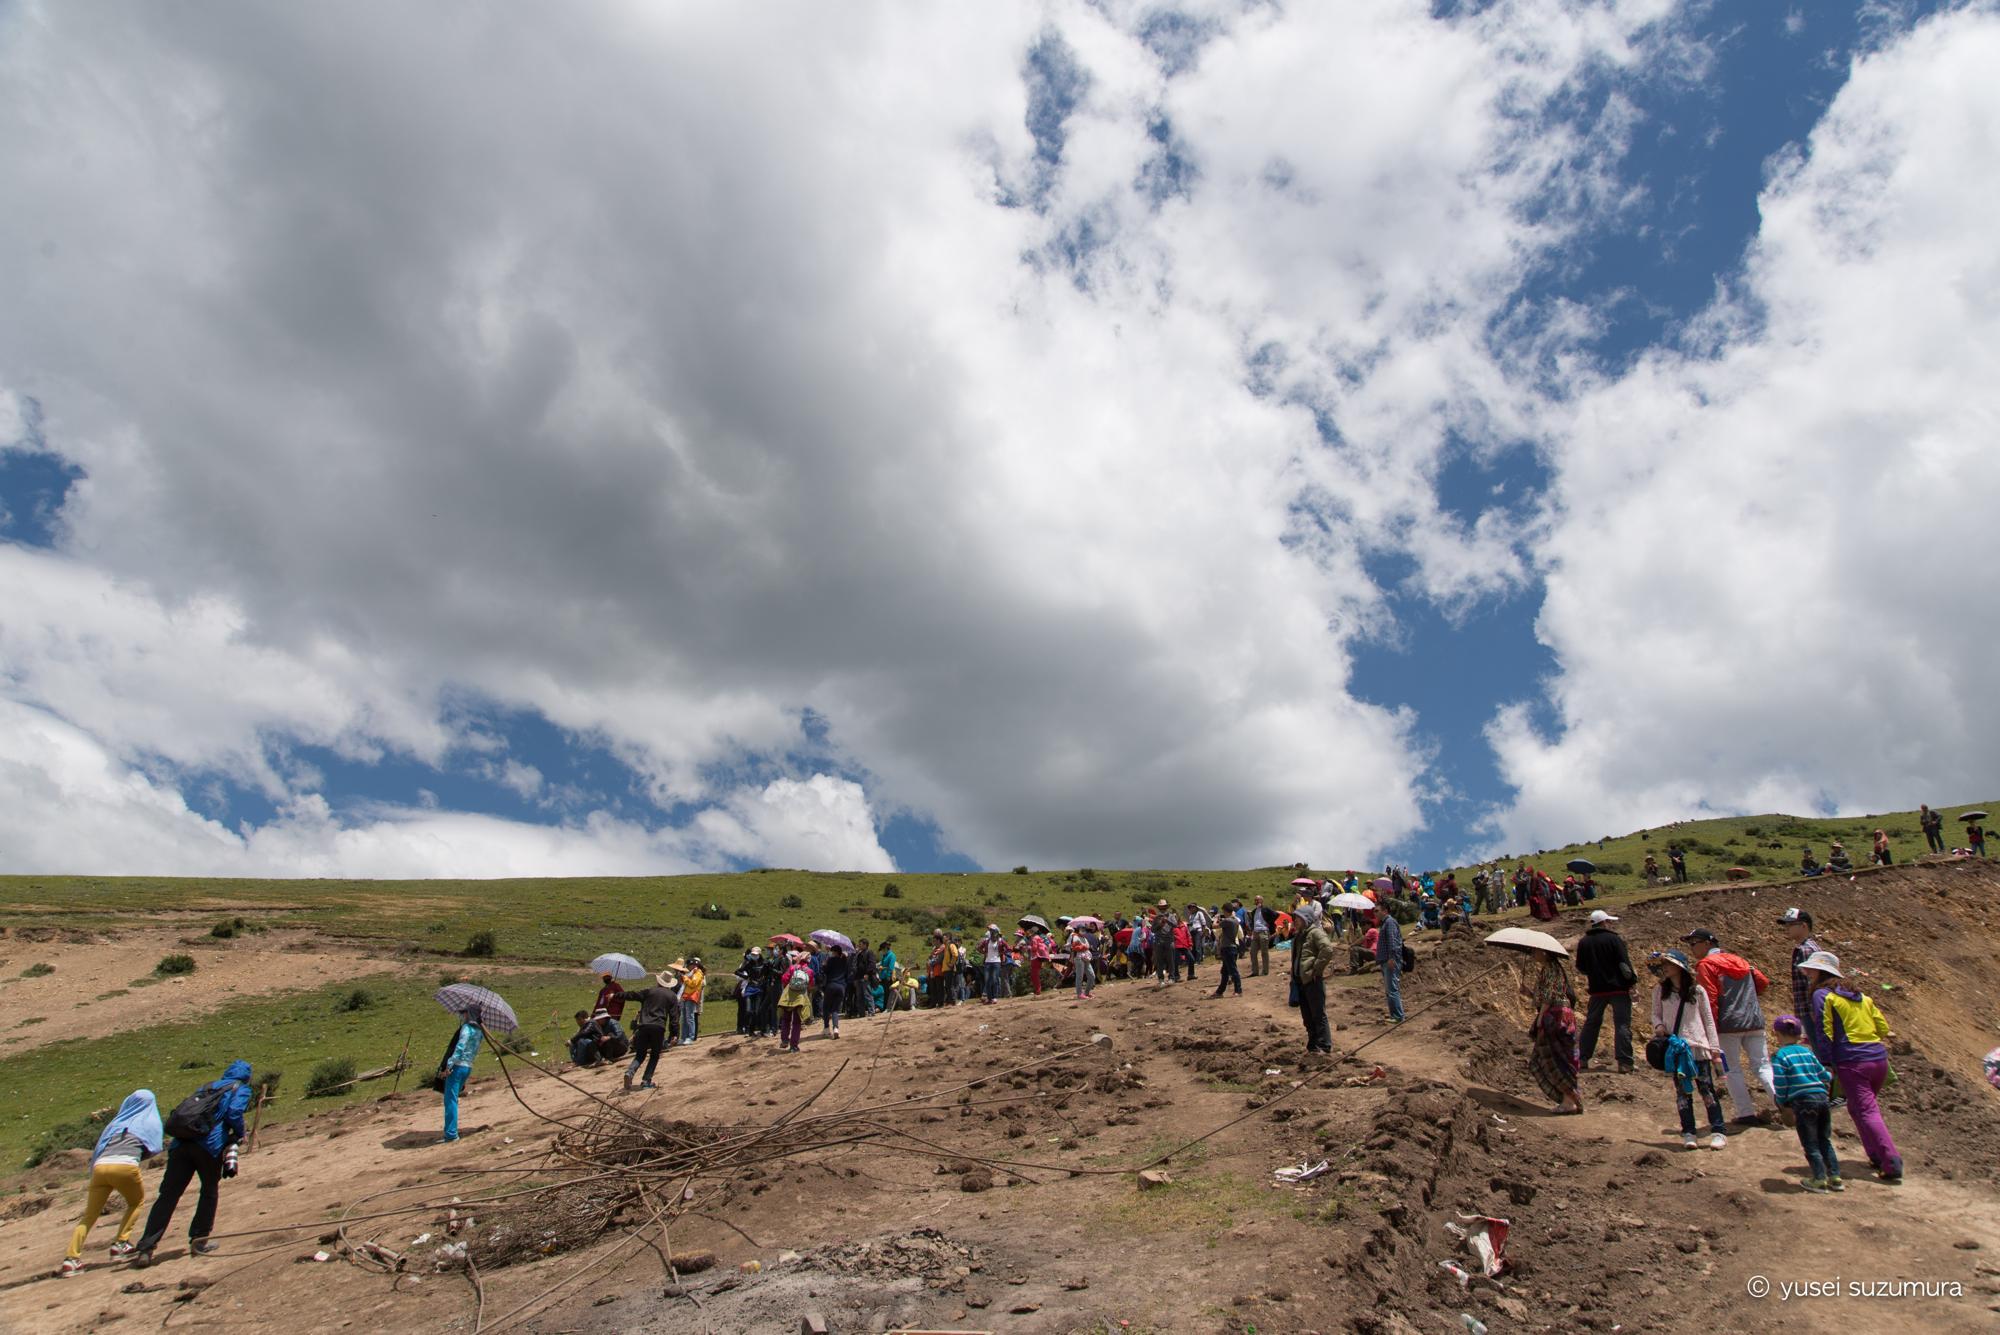 ラルンガルゴンパ 中国人観光客 鳥葬エリア